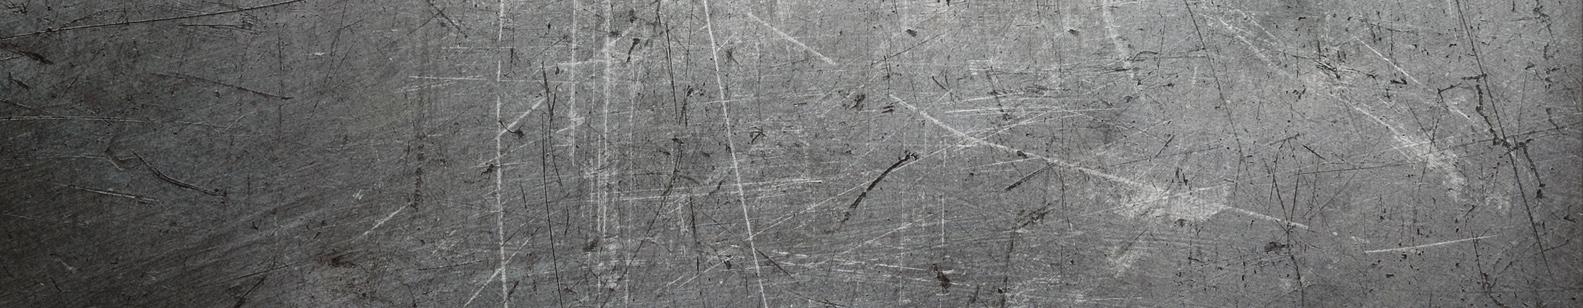 Universalios frezavimo staklės  Aukštos kokybės universalios frezavimo staklės metalo apdirbimui